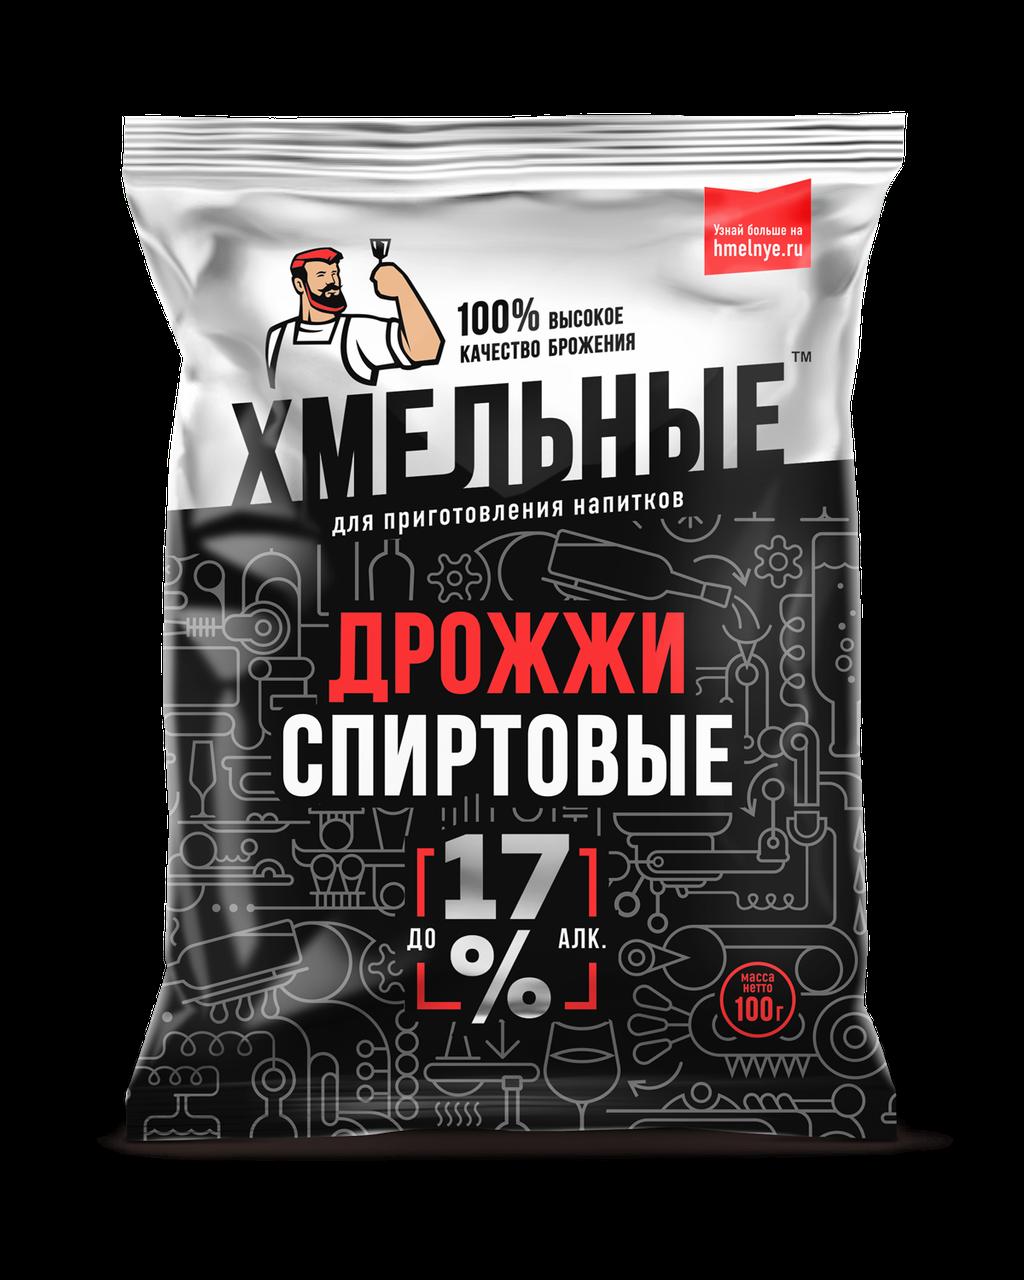 Дрожжи спиртовые Хмельные 17% 100г